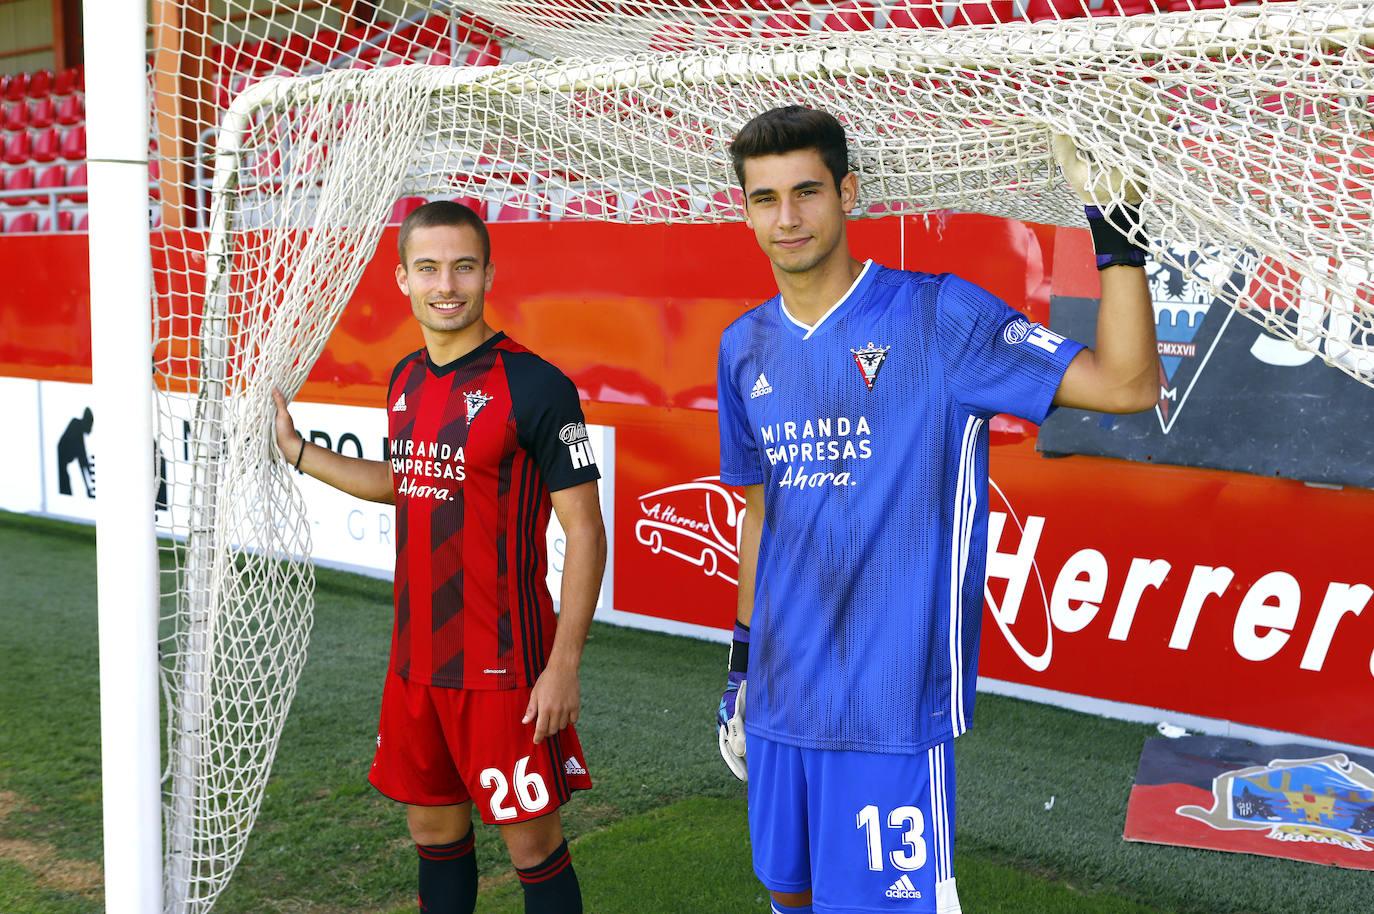 Alberto y Franquesa ensalzan el sentimiento en la ciudad por el club